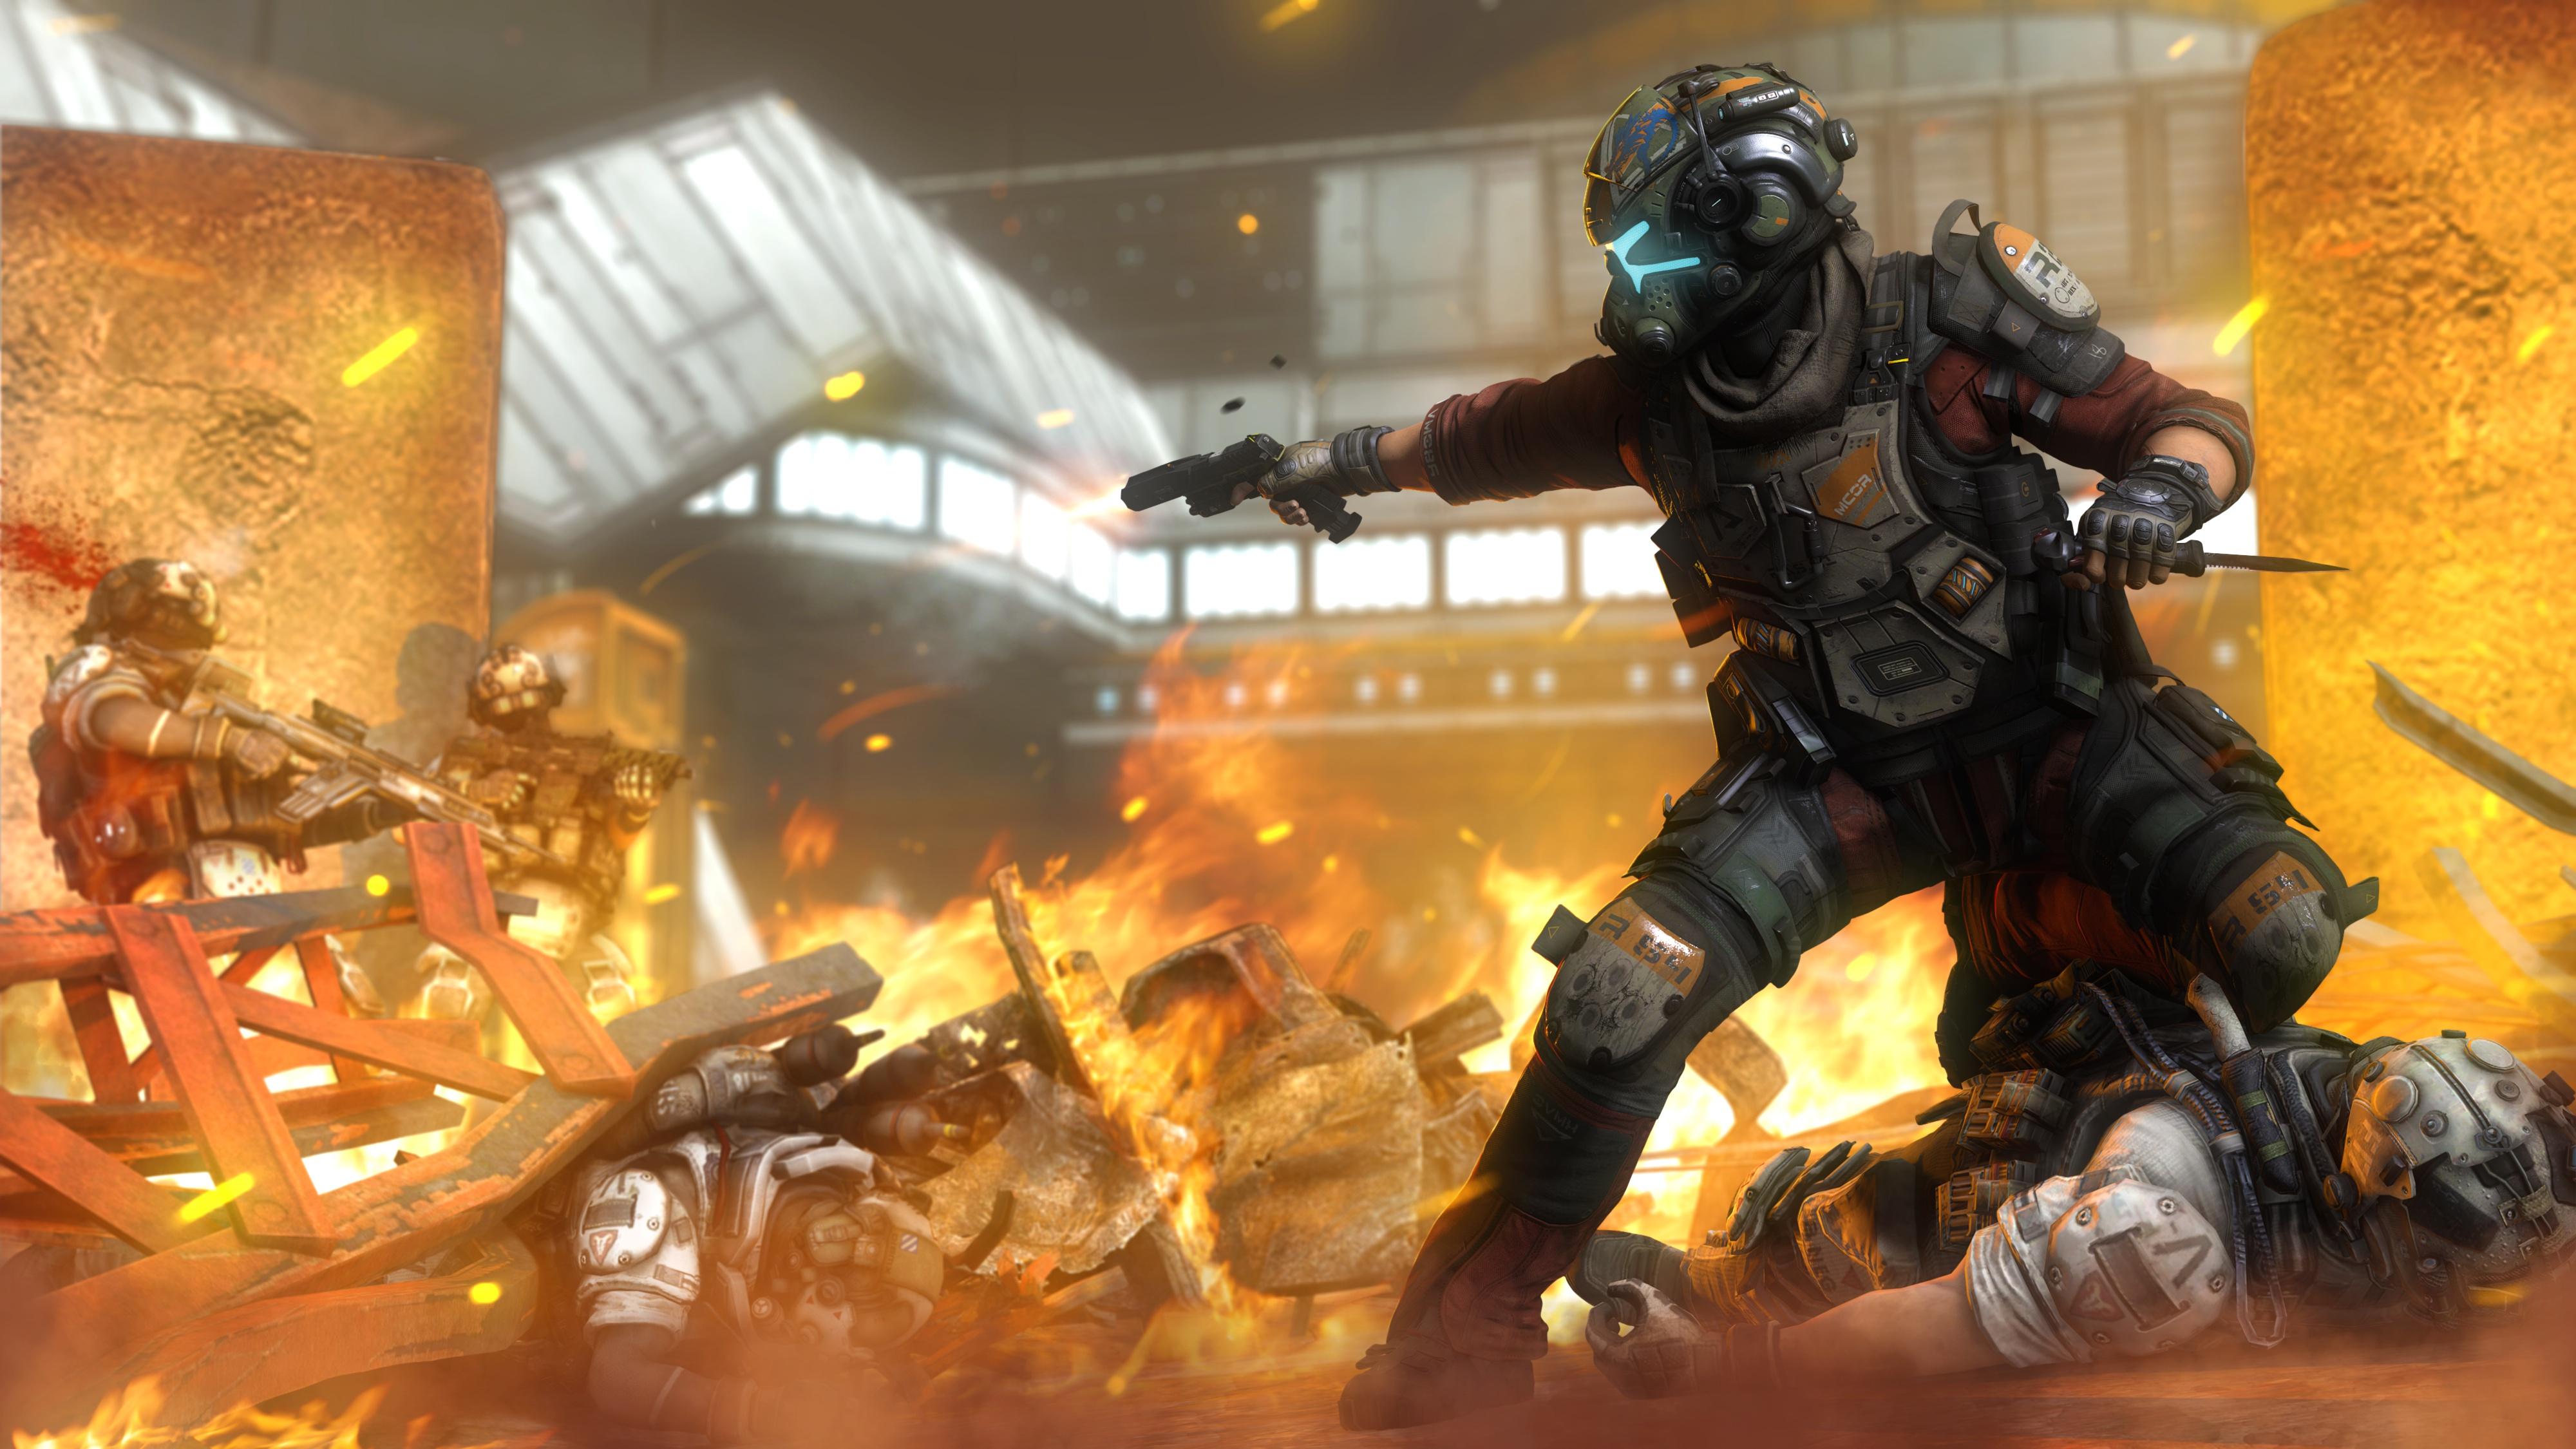 Titanfall 2 Best Video Game Of 2017 4k, HD Games, 4k